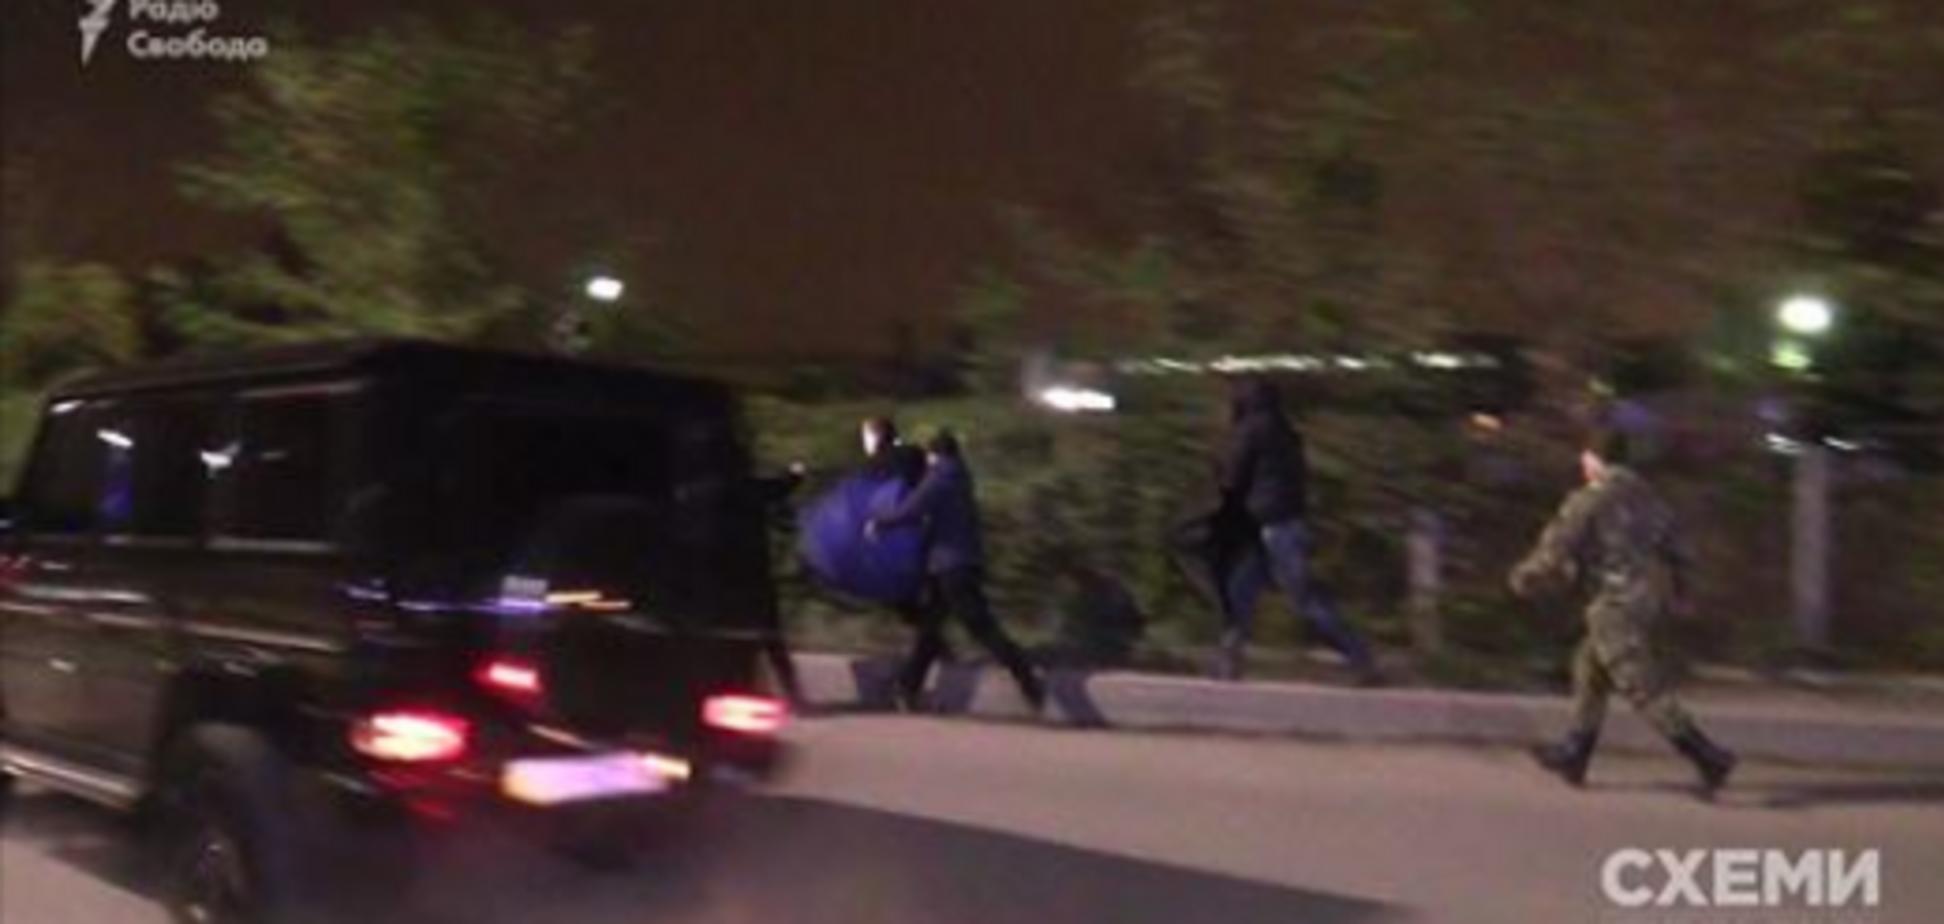 Охранники прилетевшего из РФ кума Путина избили журналистов: появились первые подробности